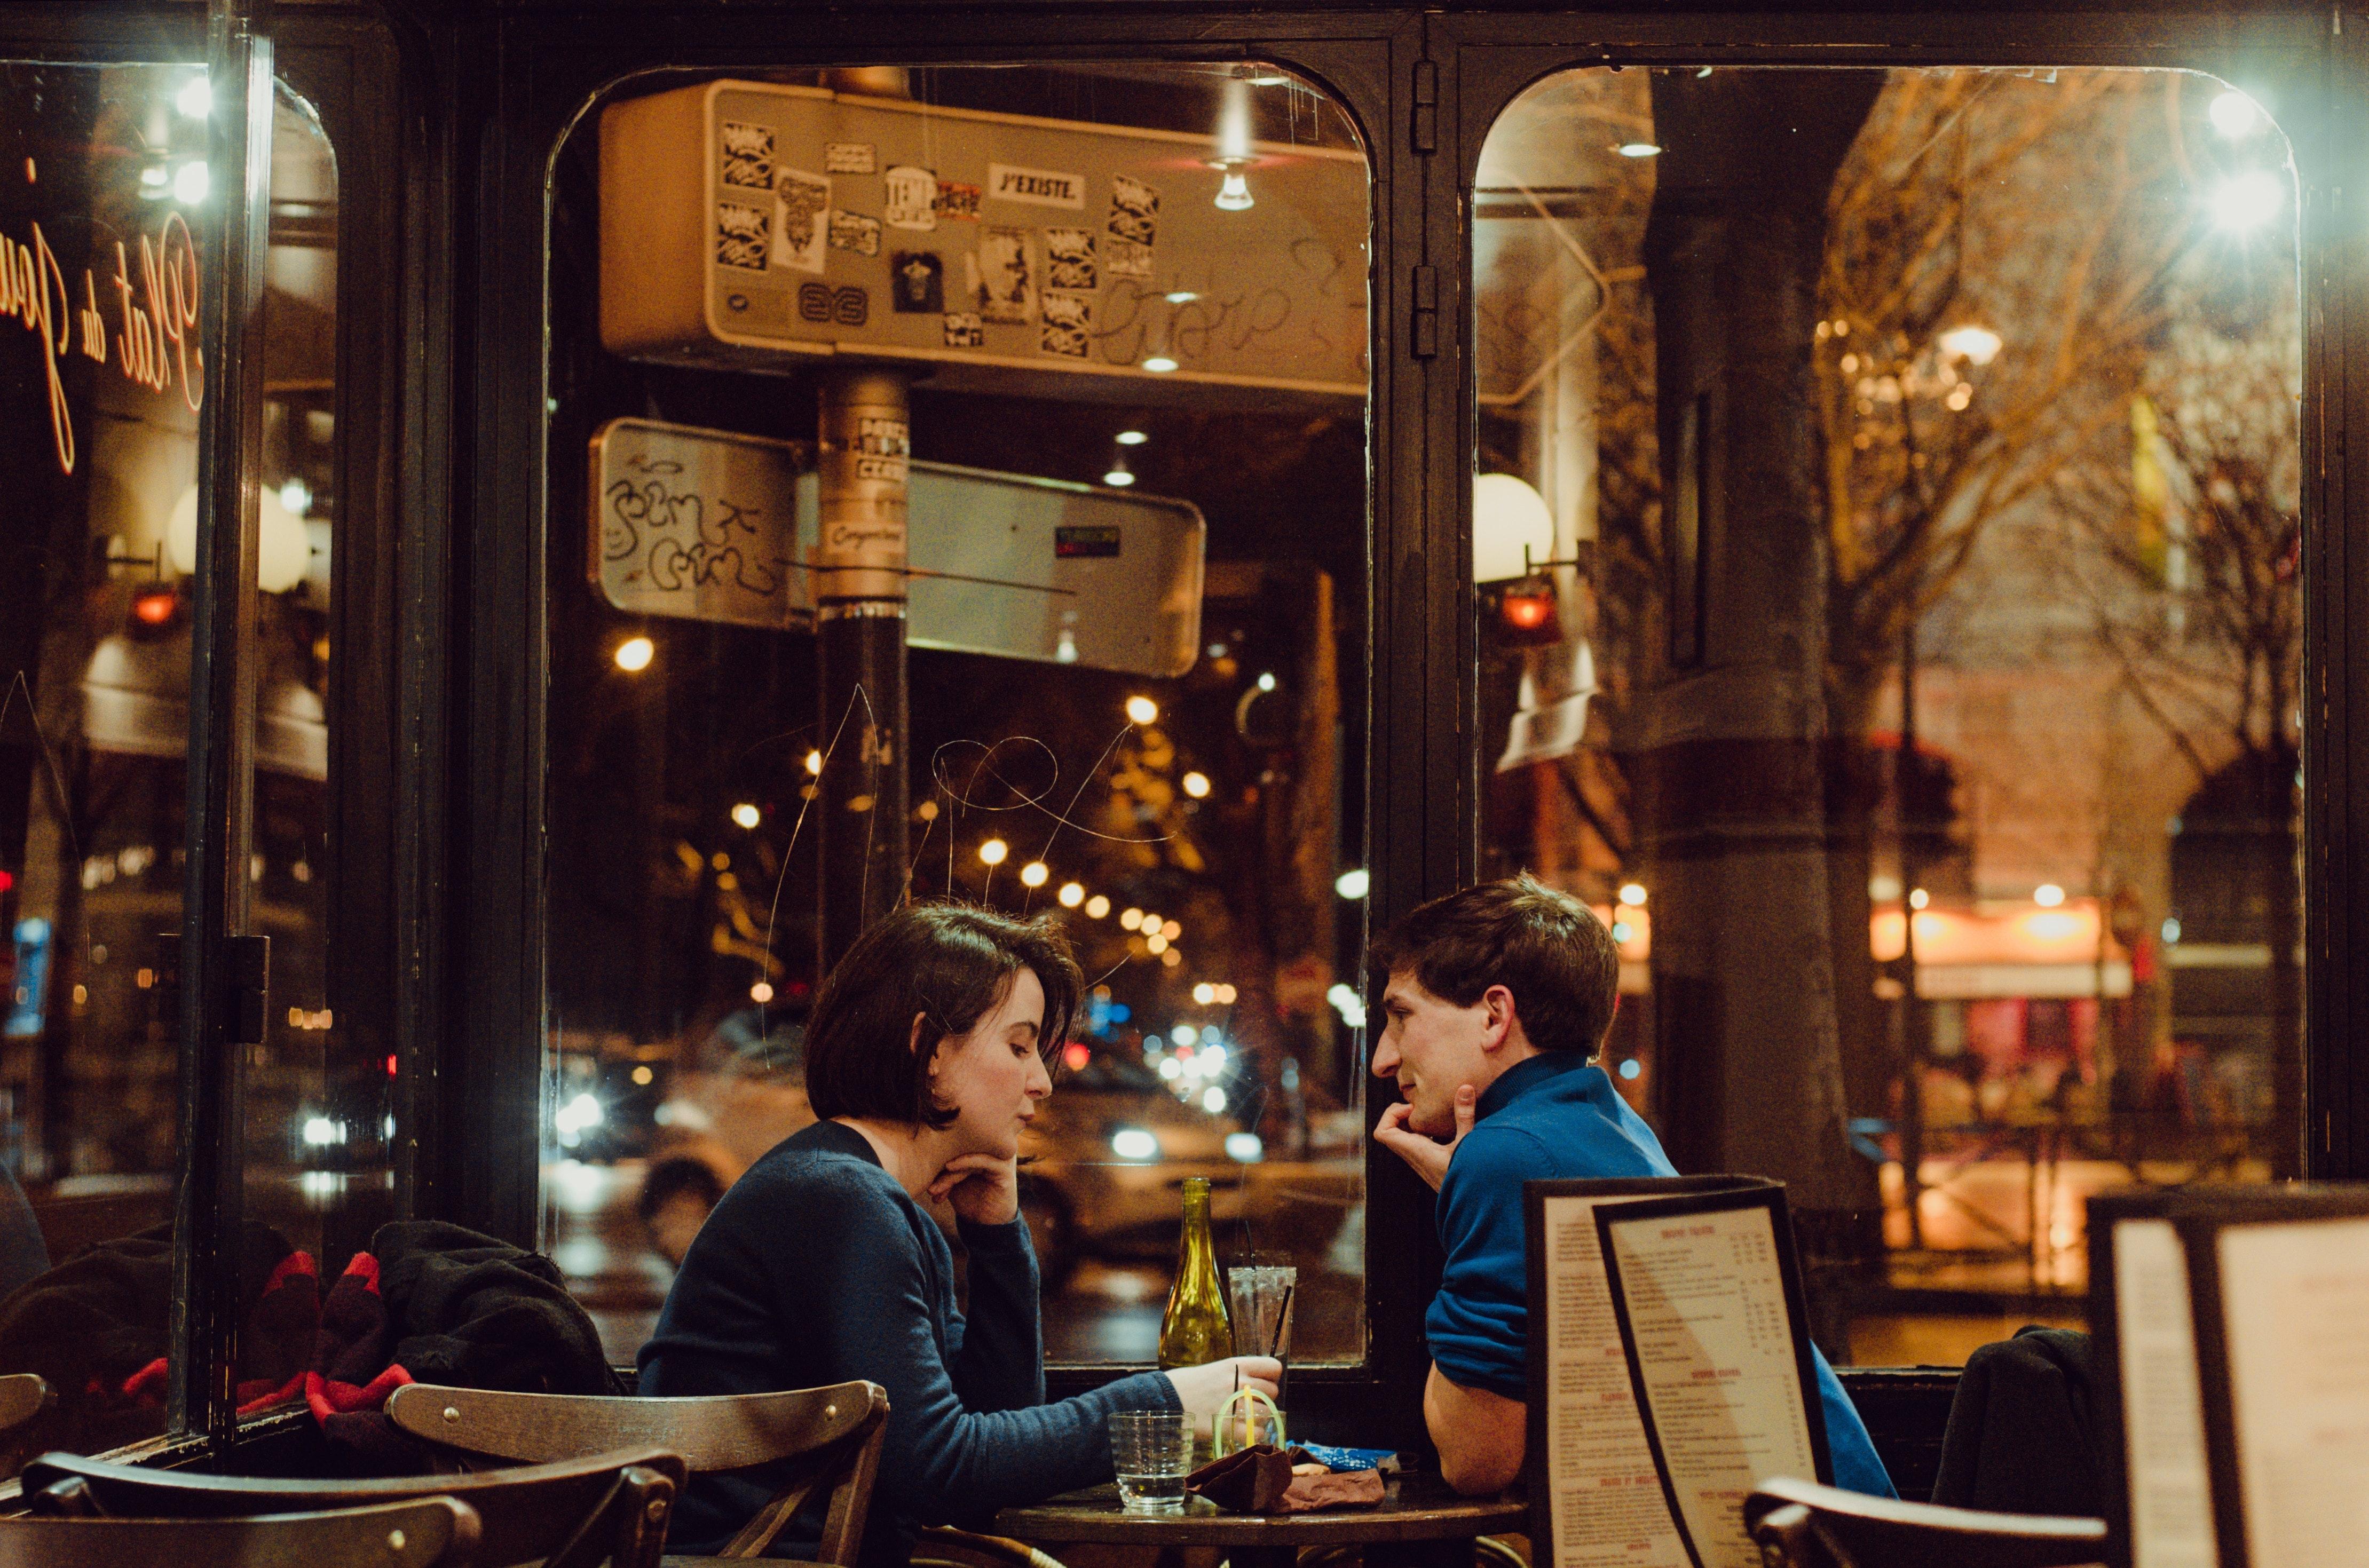 date in a public place